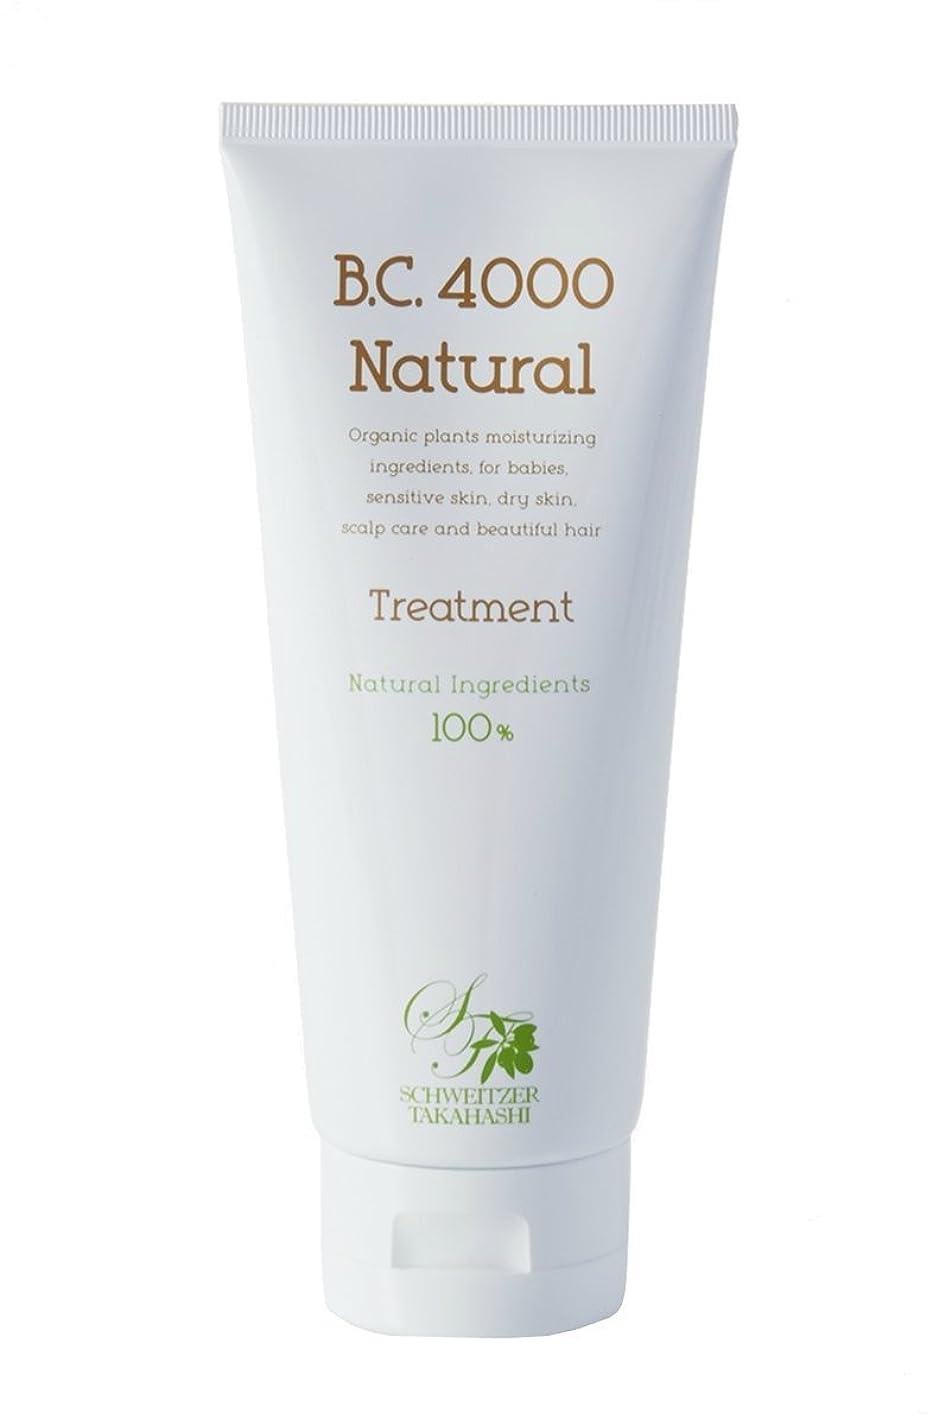 に付けるにじみ出る困惑するB.C.4000 100%天然由来 ナチュラル ノンシリコン トリートメント オーガニック植物エキス配合 200g